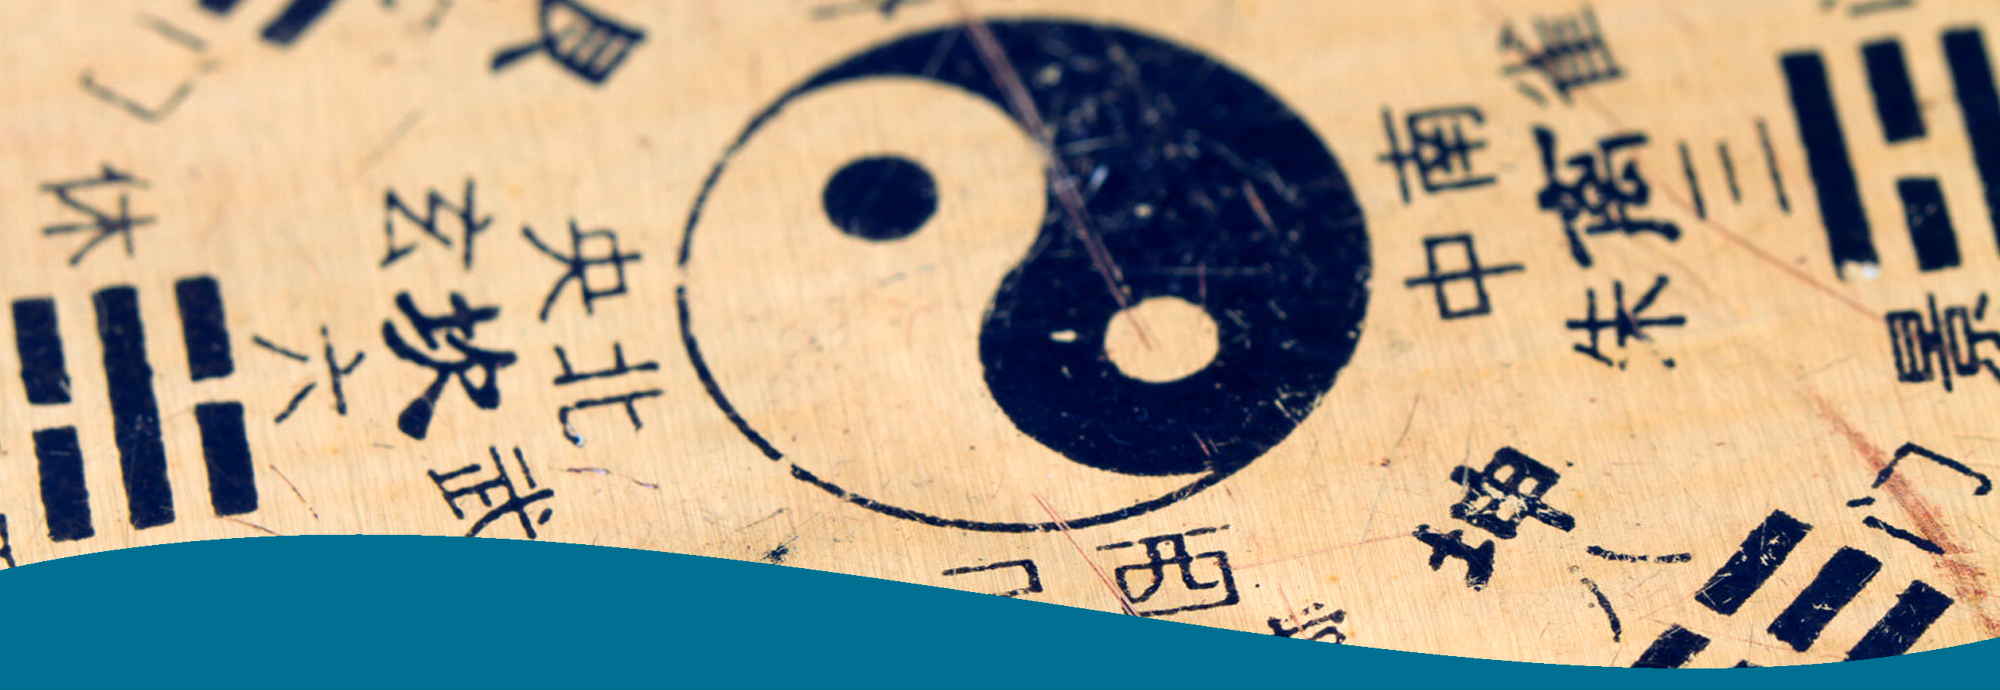 composizione formazione wang academy